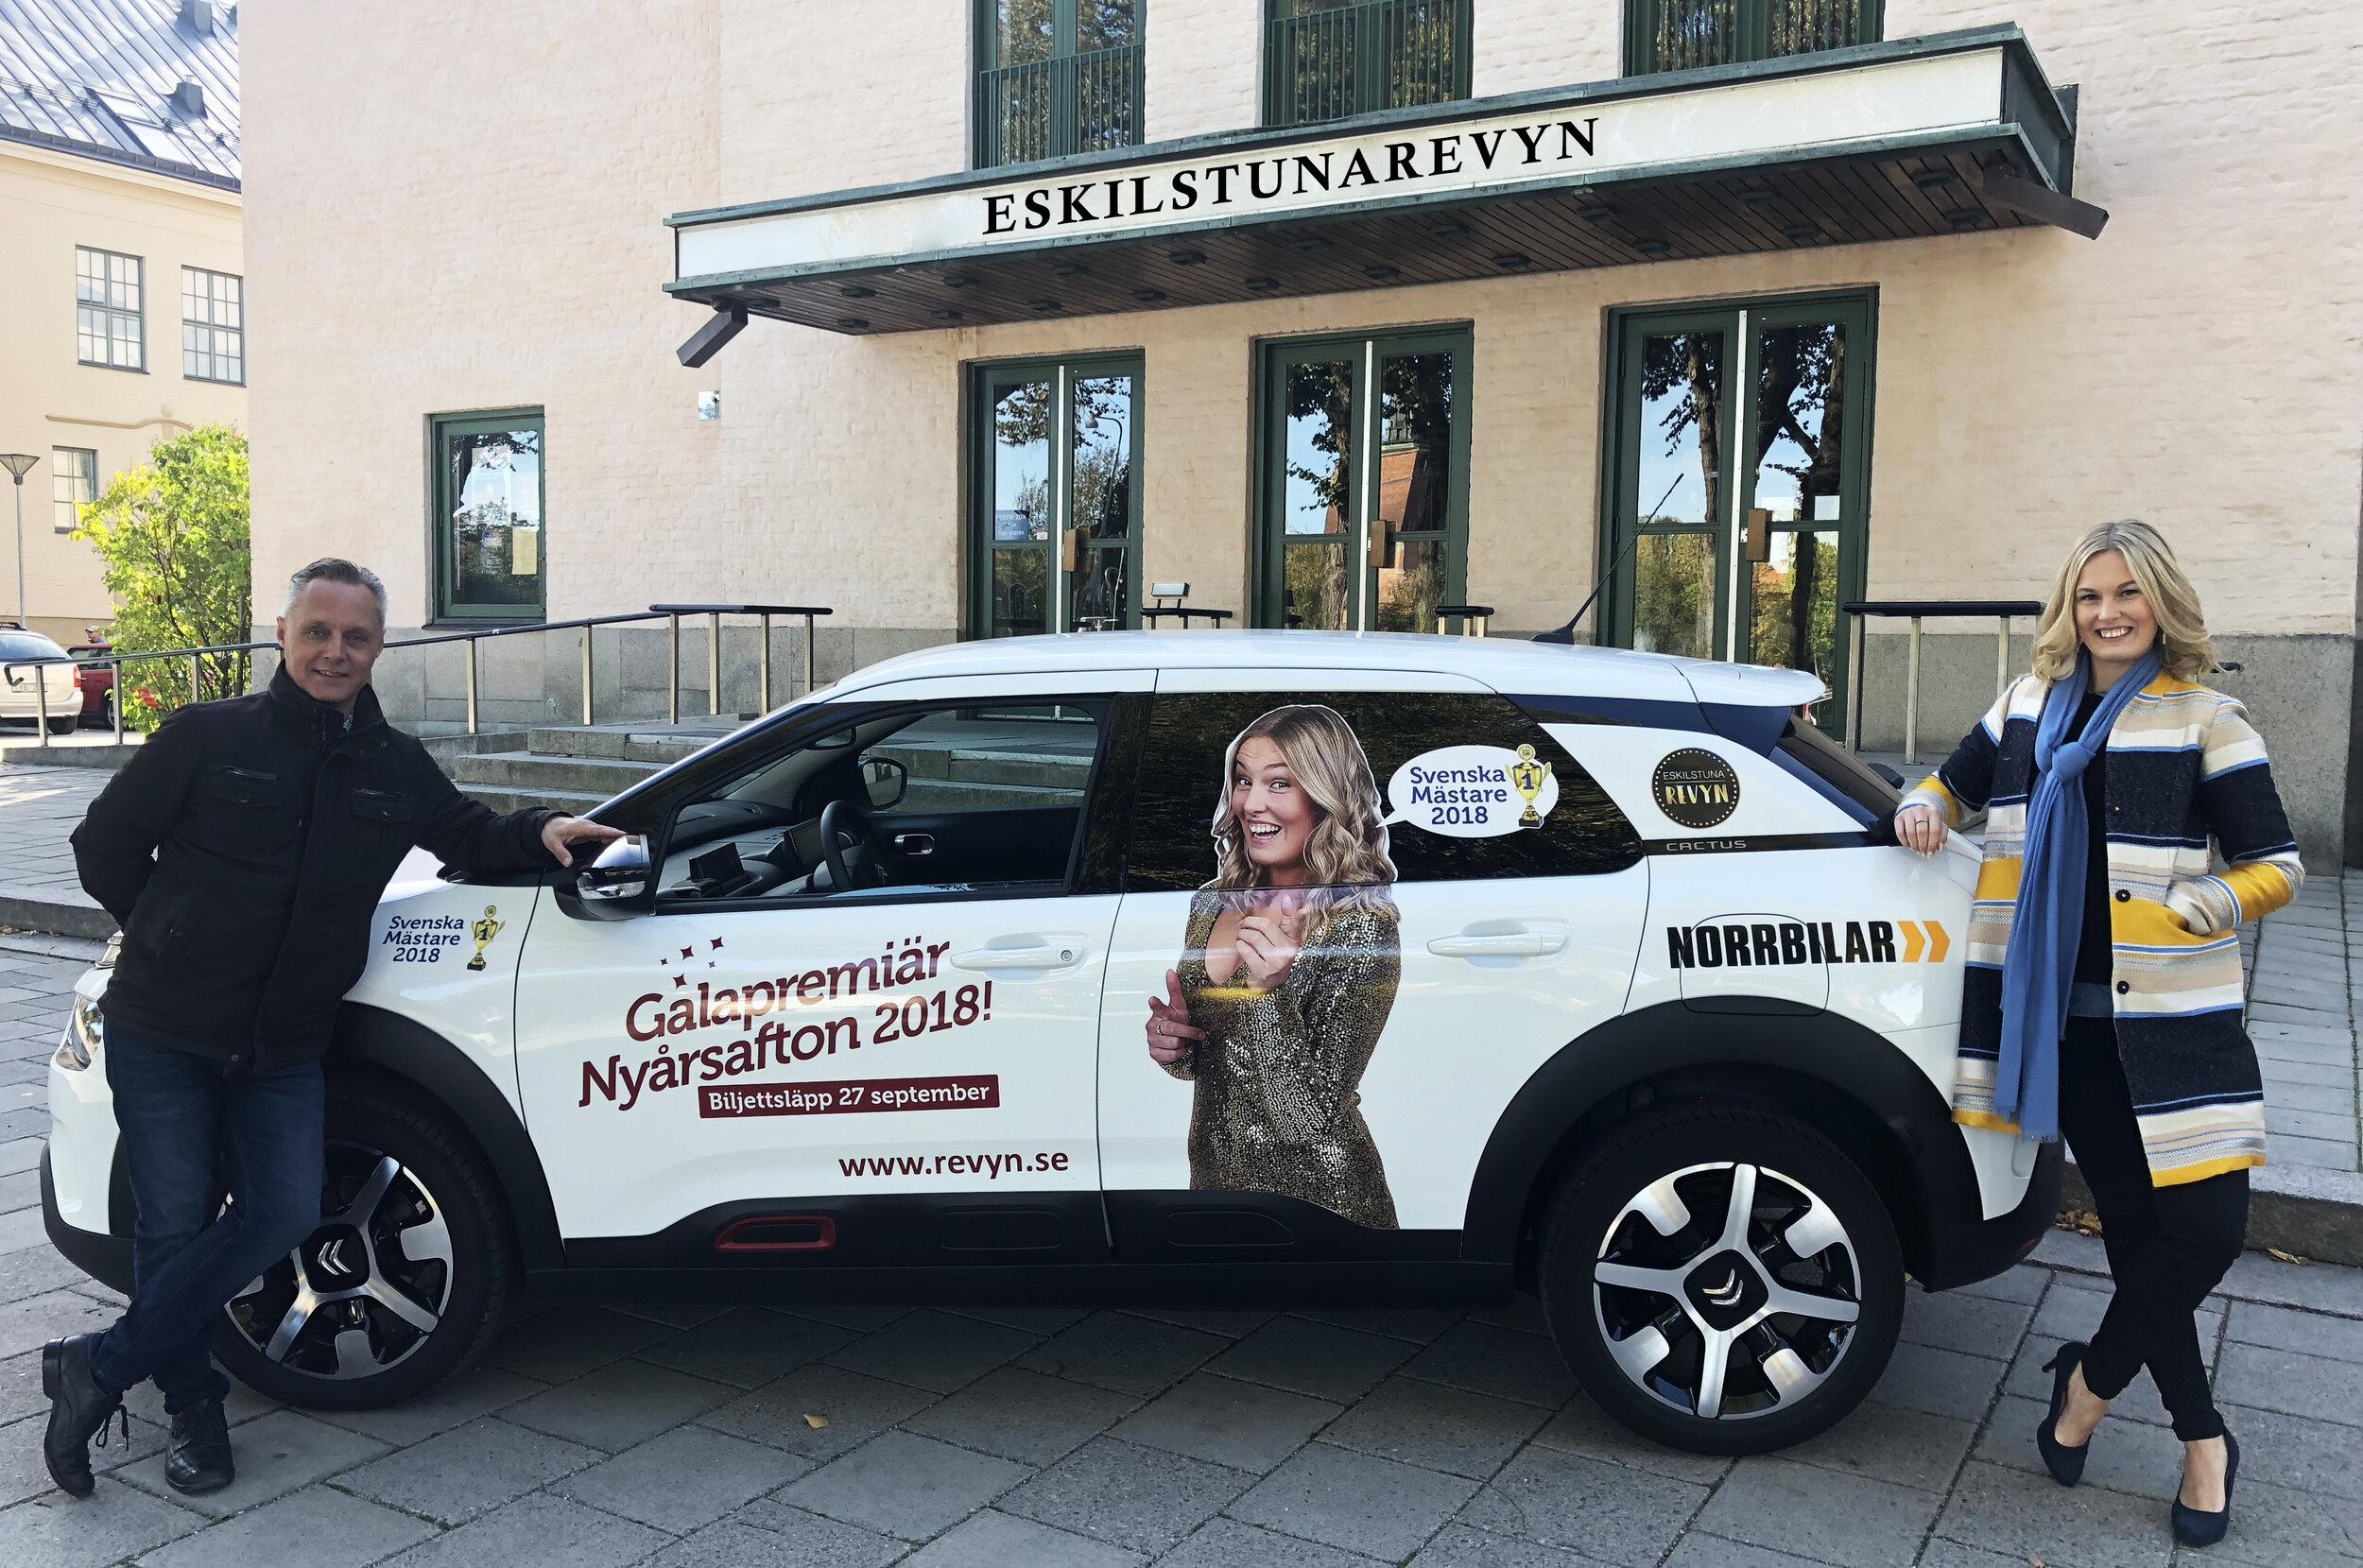 SAMARBETSPARTNER - Vill du också bli samarbetspartner med Eskilstunarevyn? Läs nedan för mer information.